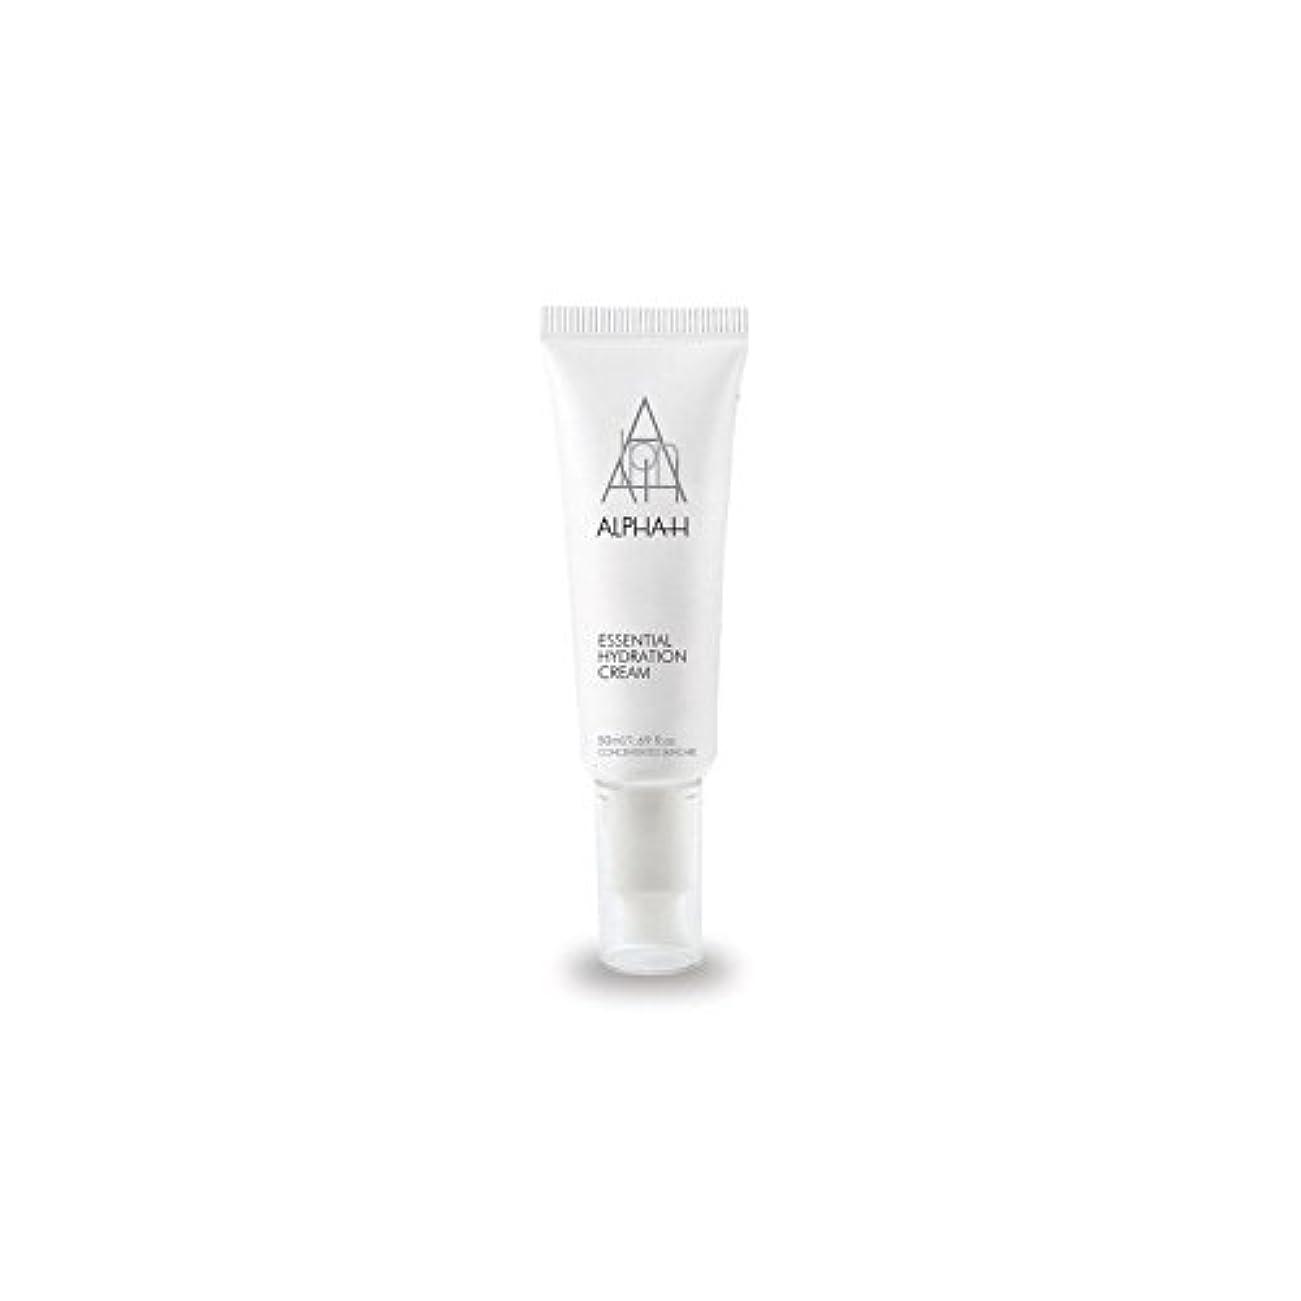 石膏子孫追加Alpha-H Essential Hydration Cream (50ml) - アルファ必須水和クリーム(50)中 [並行輸入品]